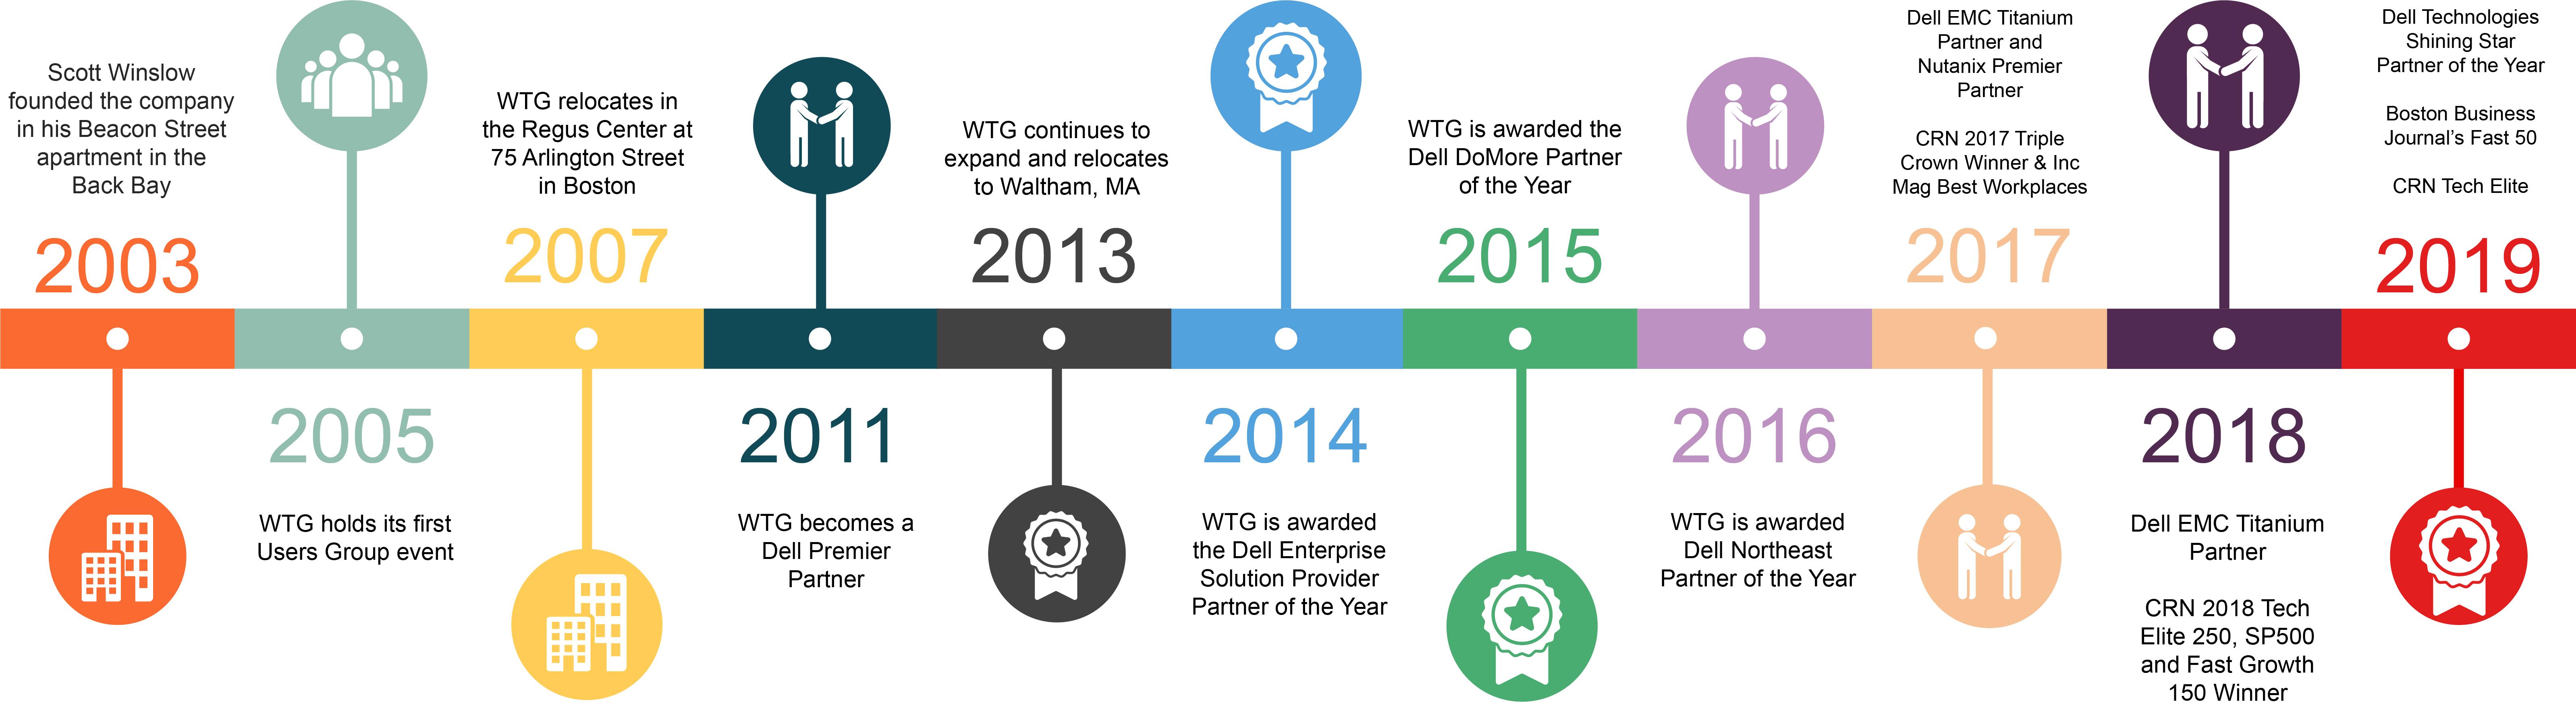 WTG History Timeline